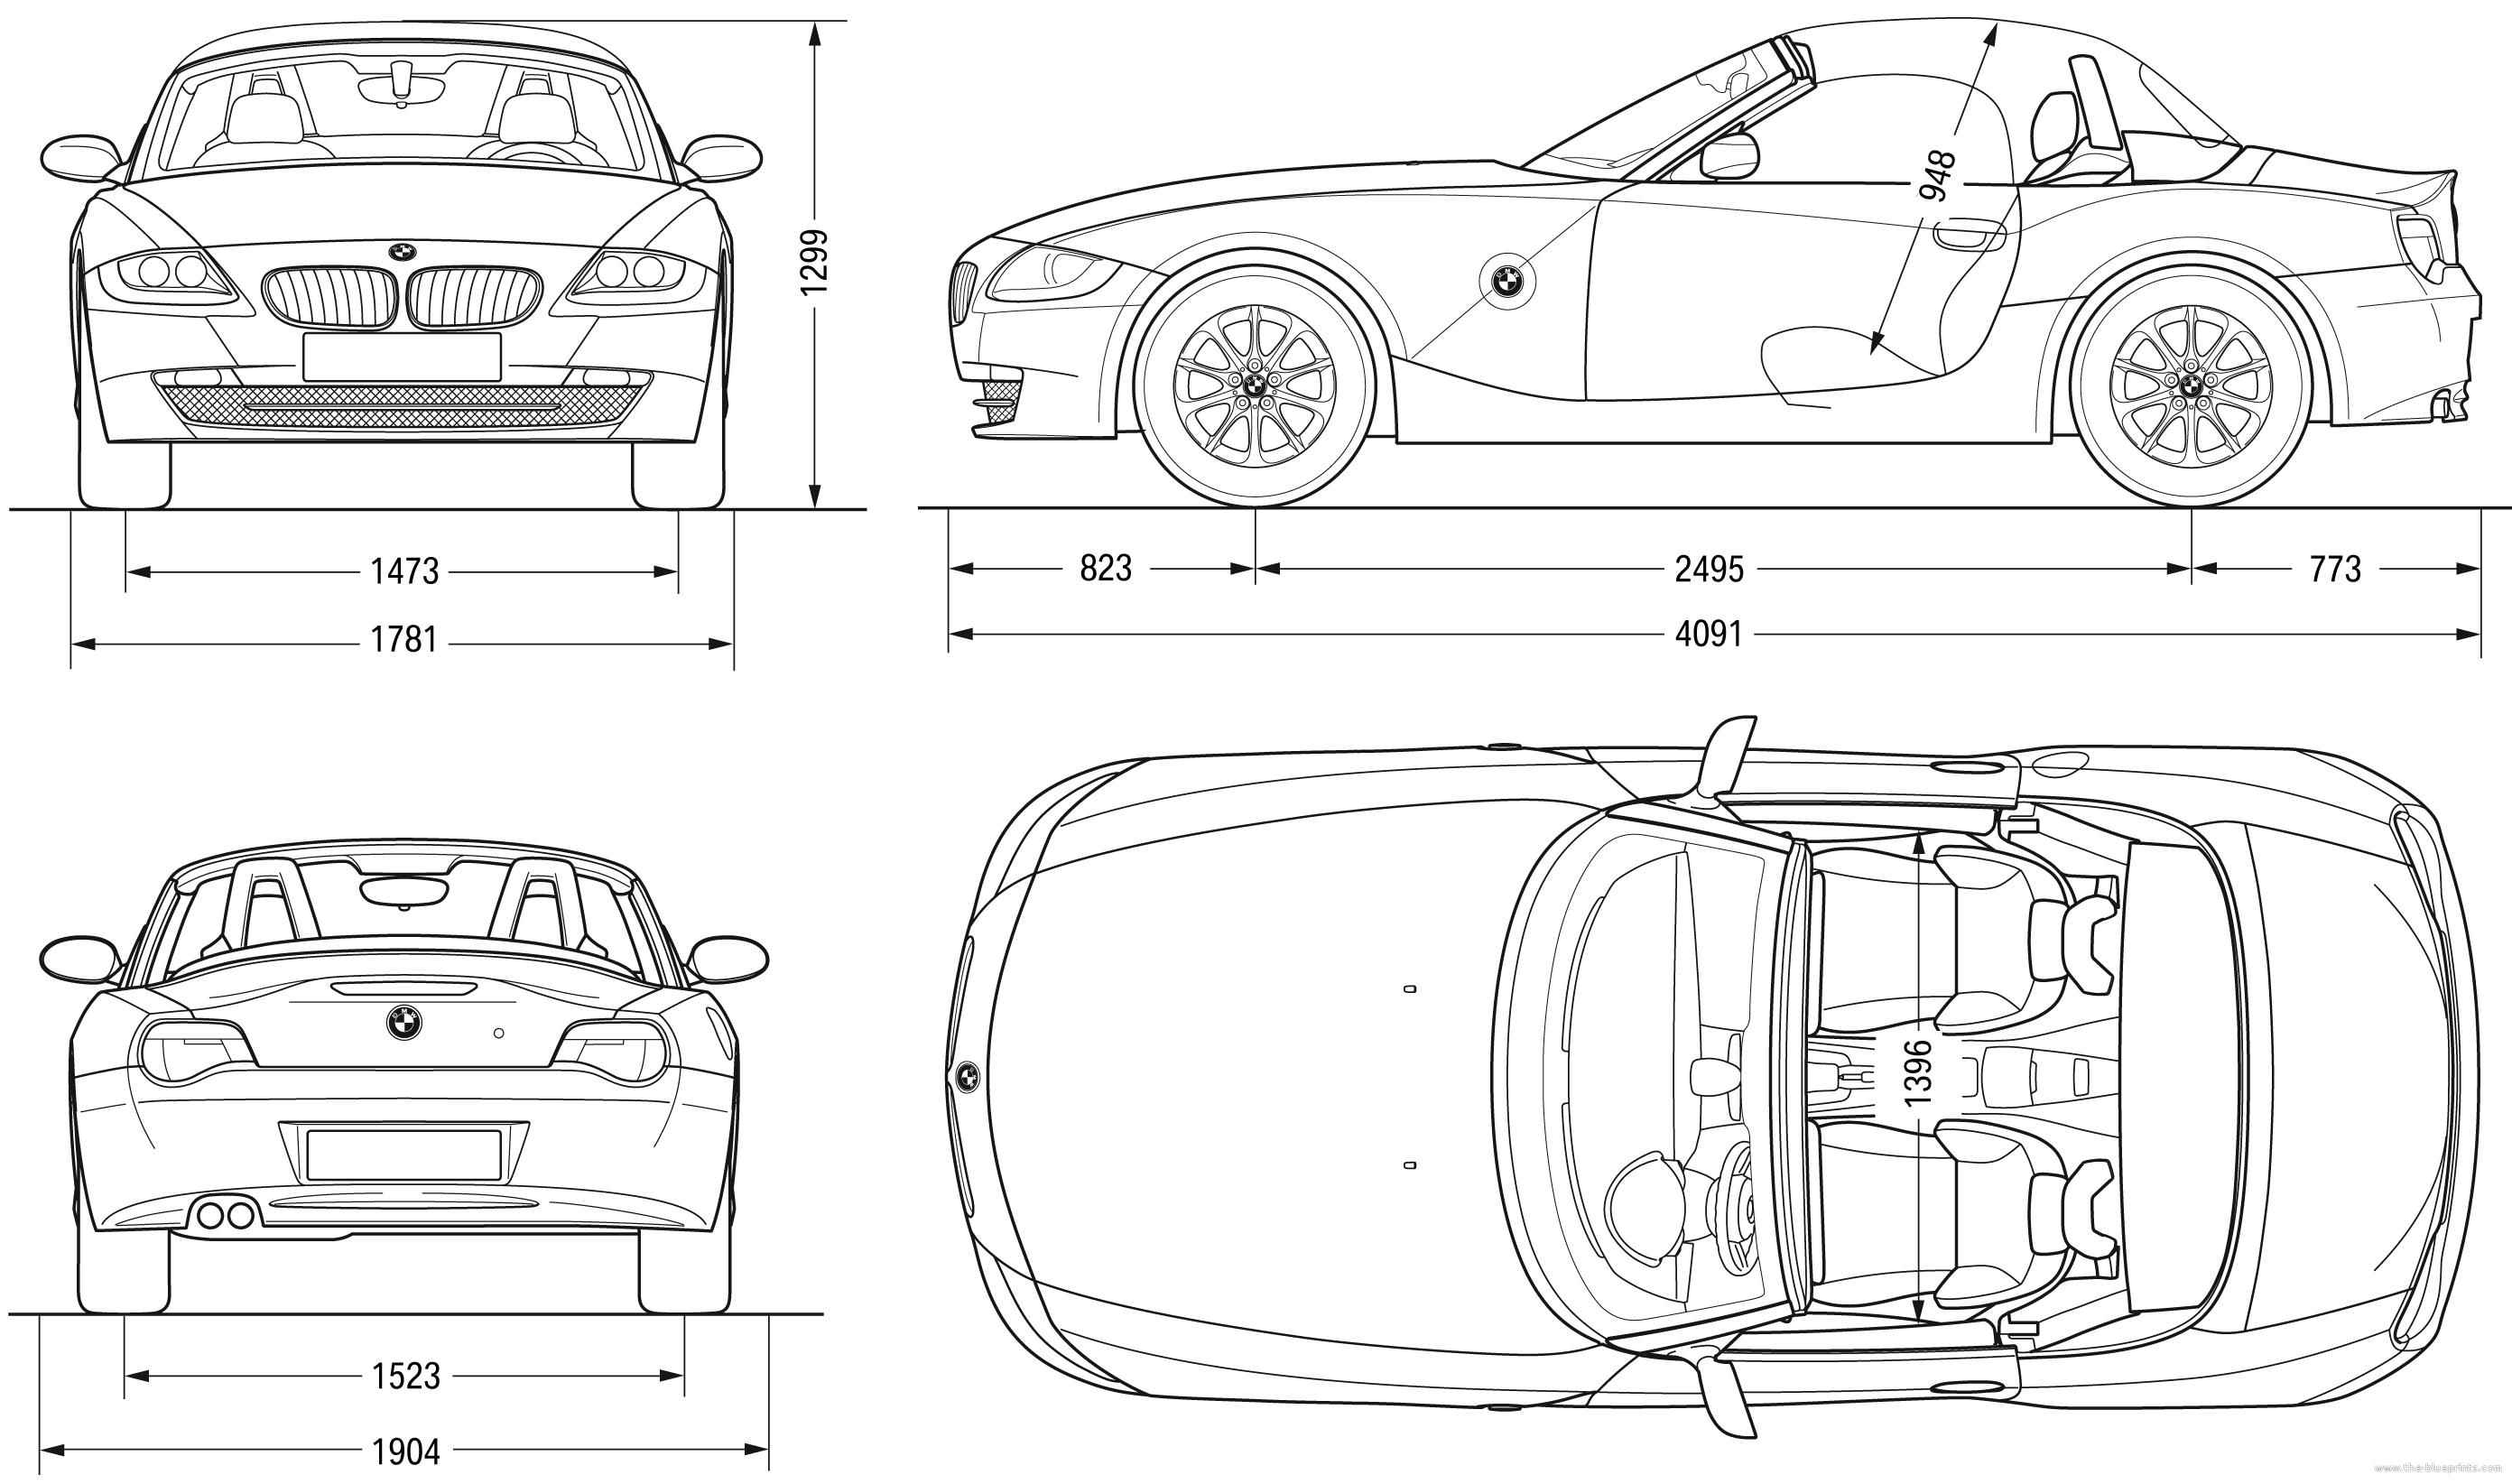 The Blueprints Com Blueprints Gt Cars Gt Bmw Gt Bmw Z4